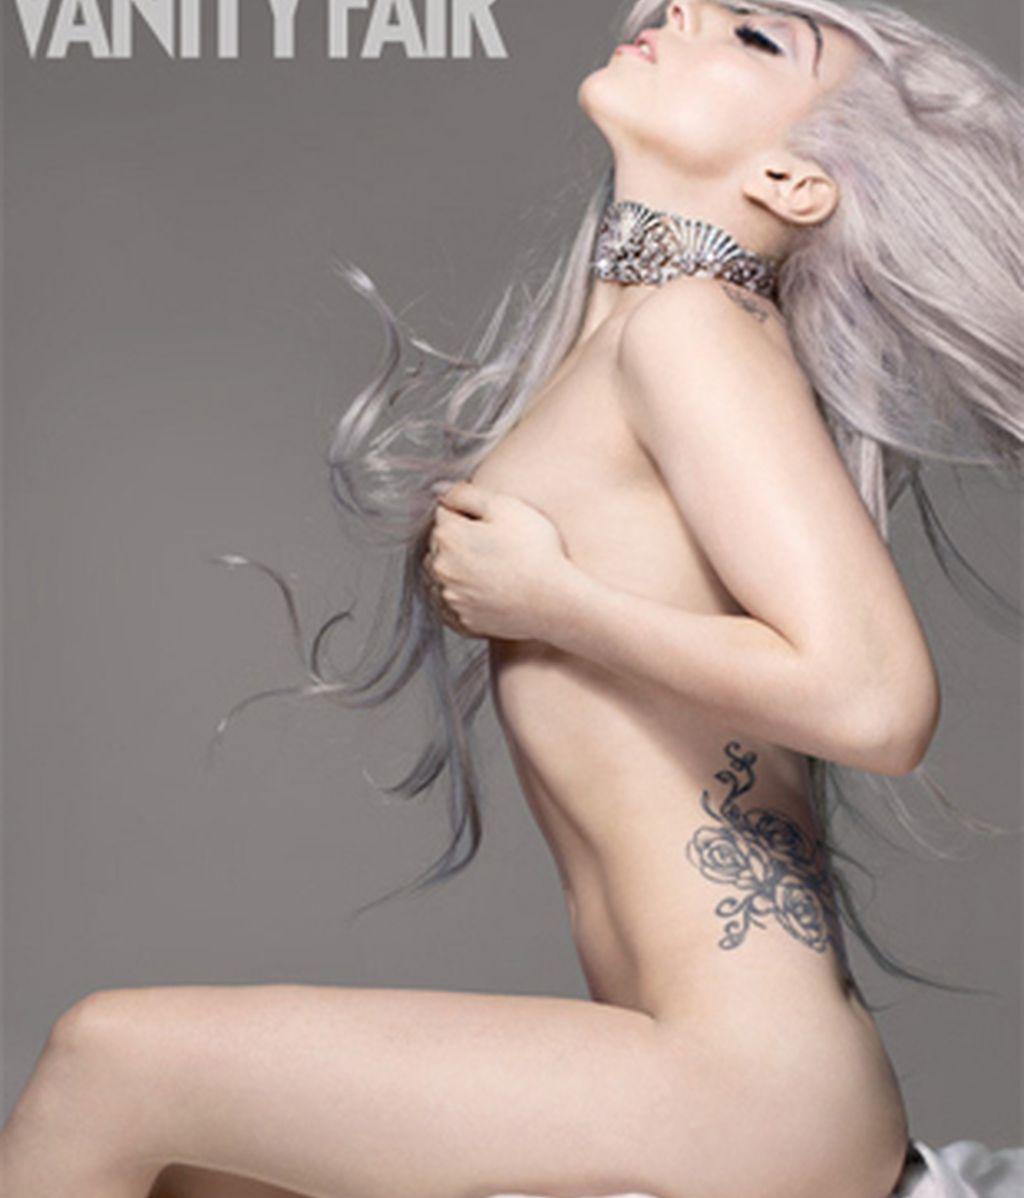 ¿Perderá mucha creatividad en el futuro Lady Gaga? Foto: Vanity Fair